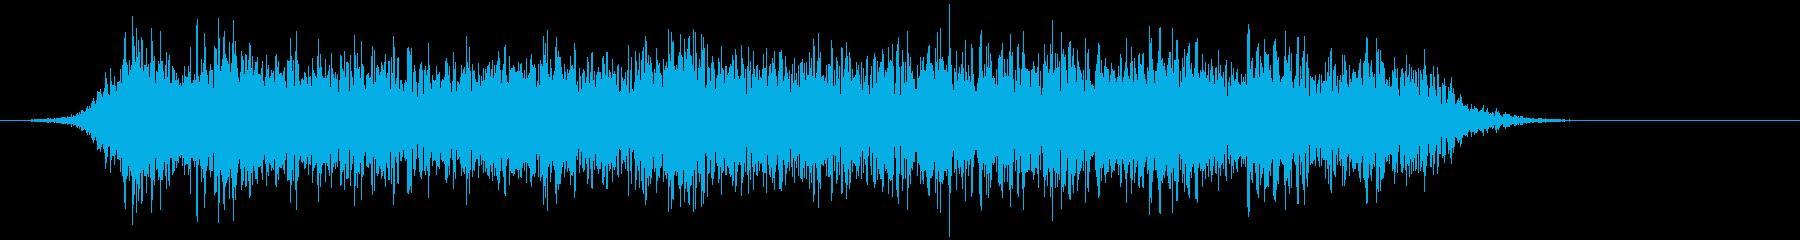 音楽:不気味なピアノの音、雨のステ...の再生済みの波形